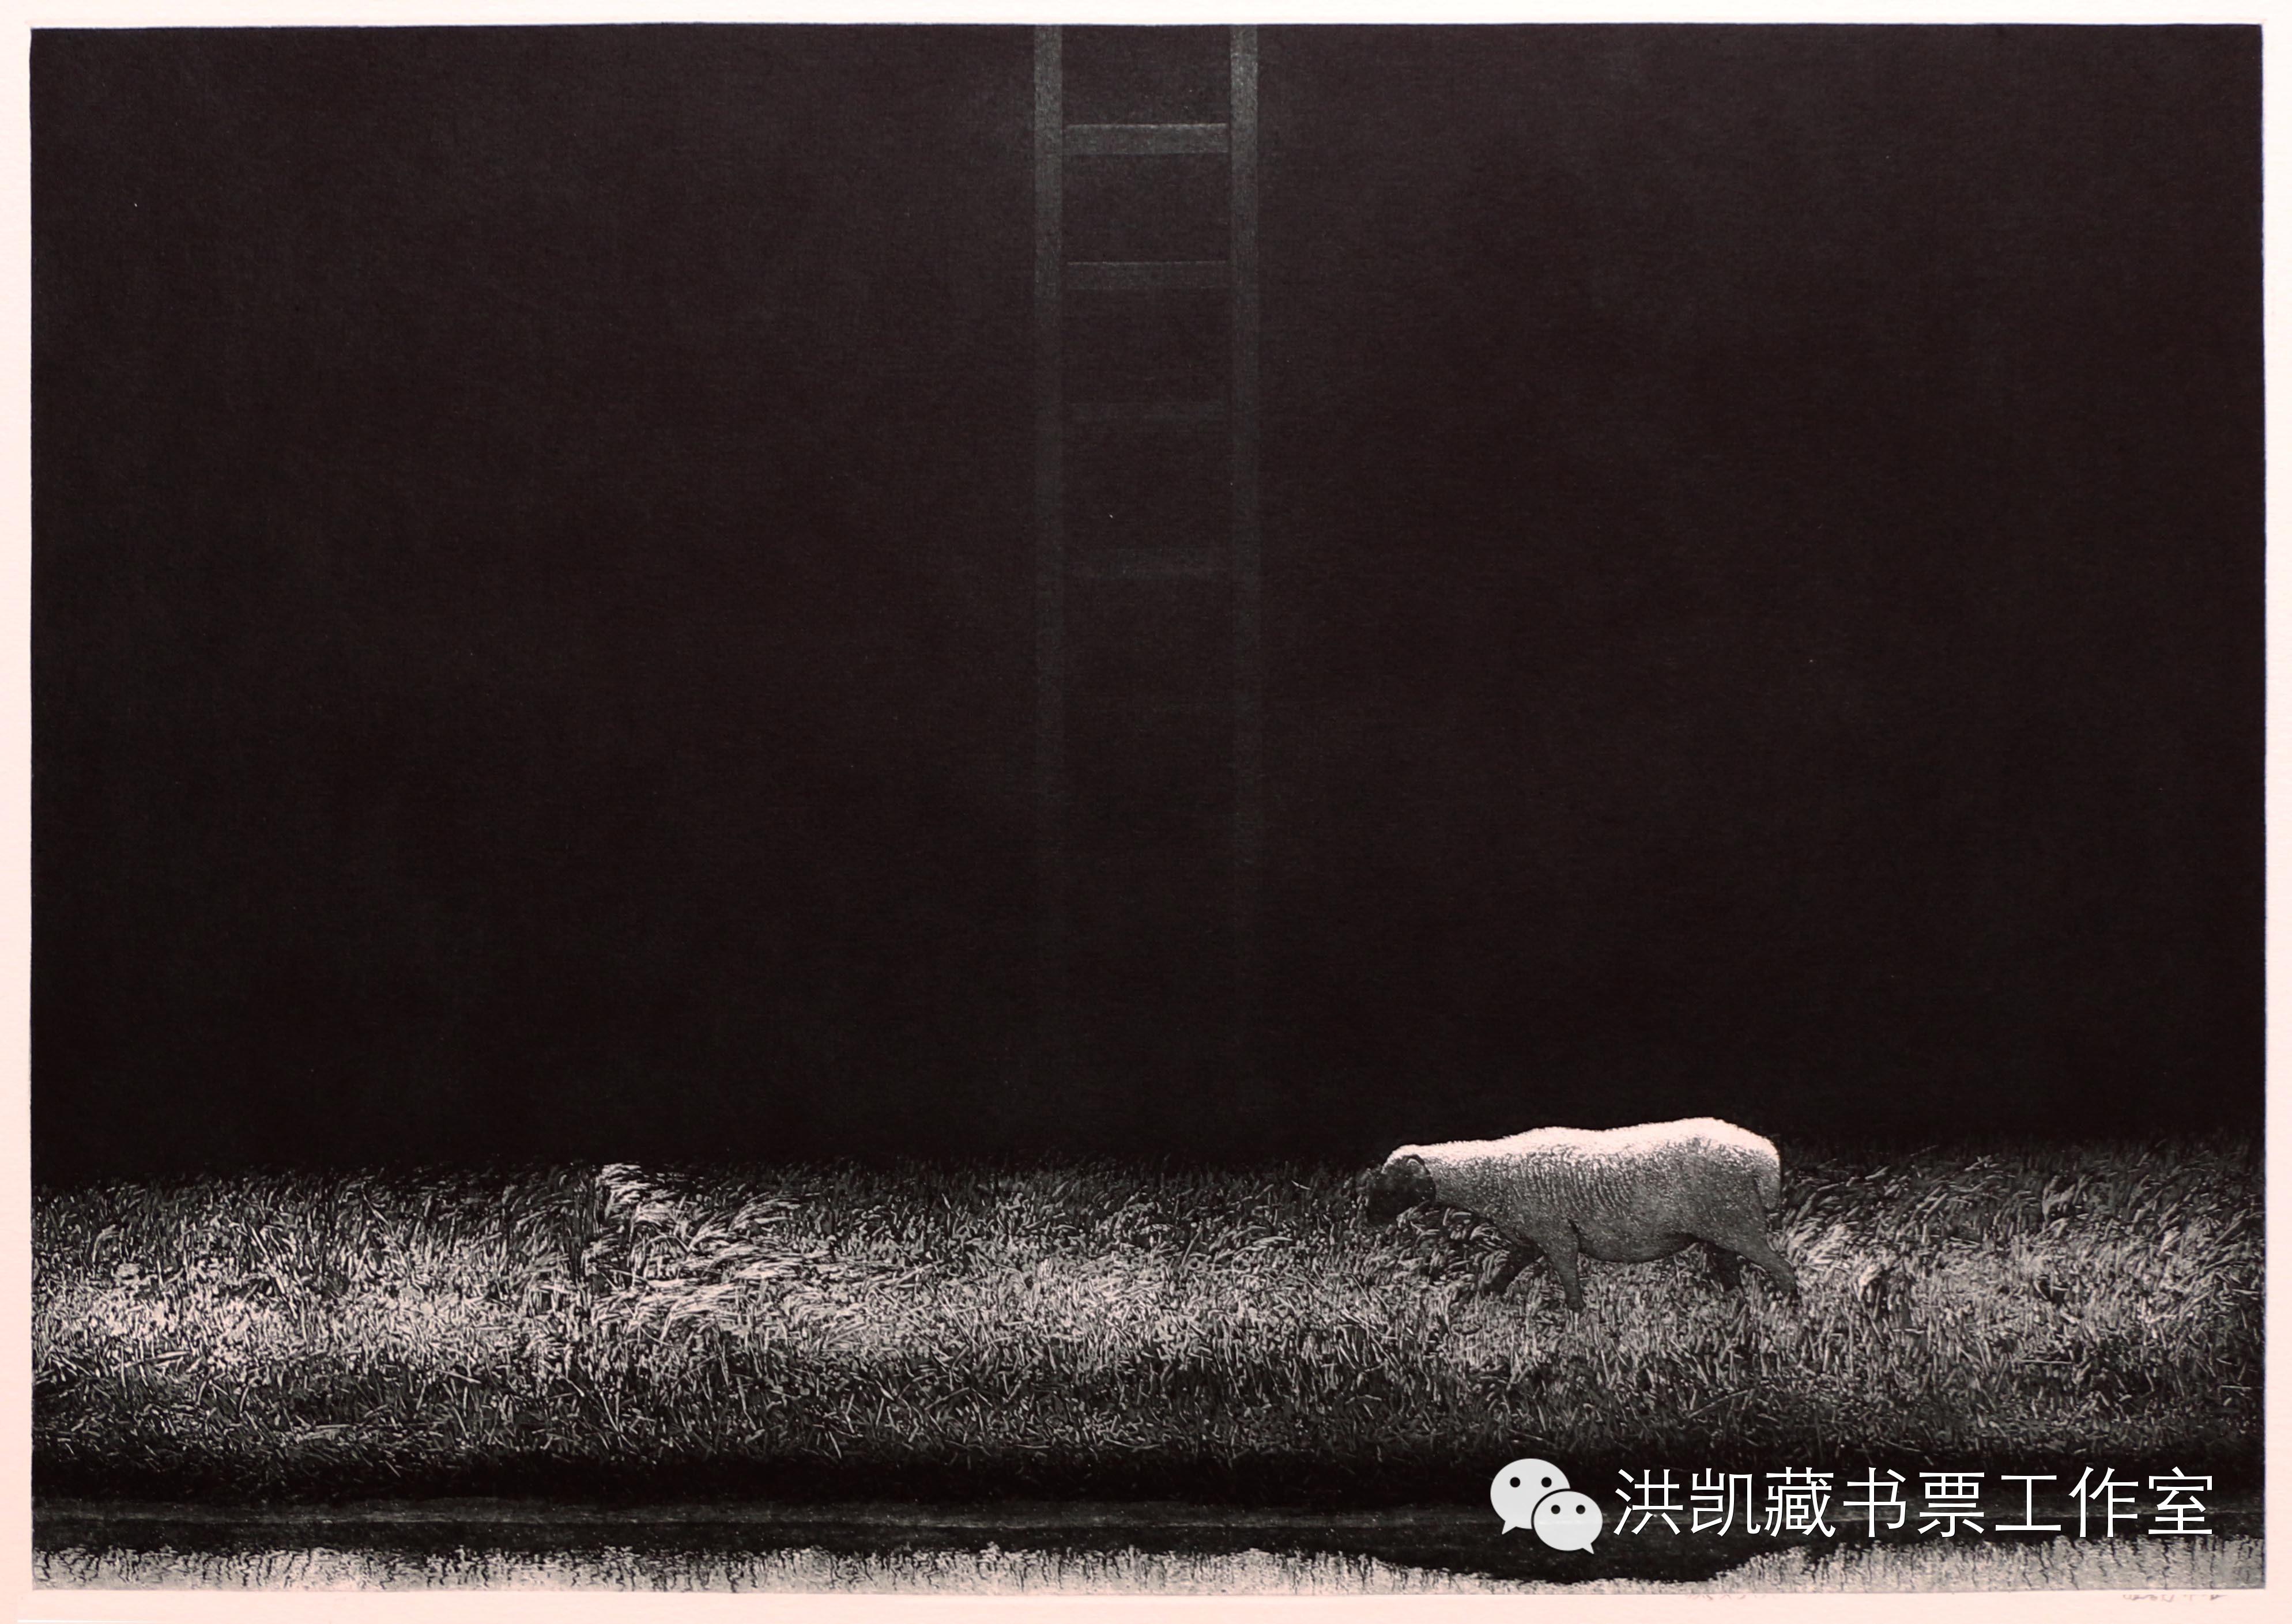 版画作品推荐002期-(内蒙古版画家)拉喜萨布哈﹒版画&藏书票作品欣赏 第12张